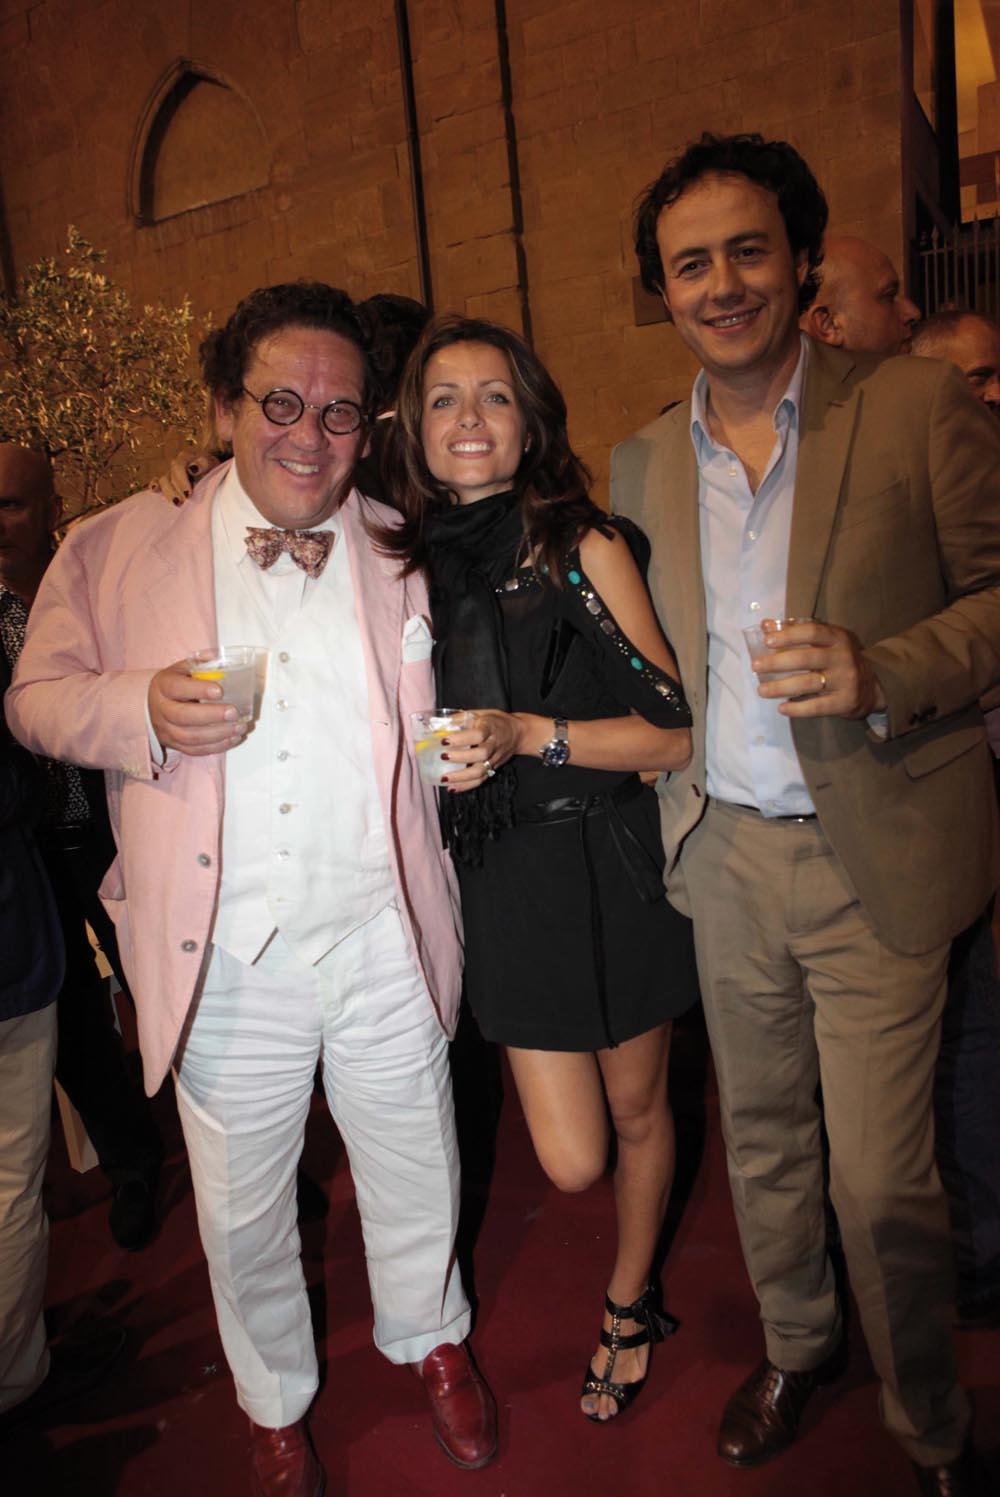 Pressphoto-Firenze  Museo Marini, Festa dell'antiquario Fabrizio Moretti per la biennale dell'antiquariato nella foto: Philipe Daverio, Francesca e Pietro Miani